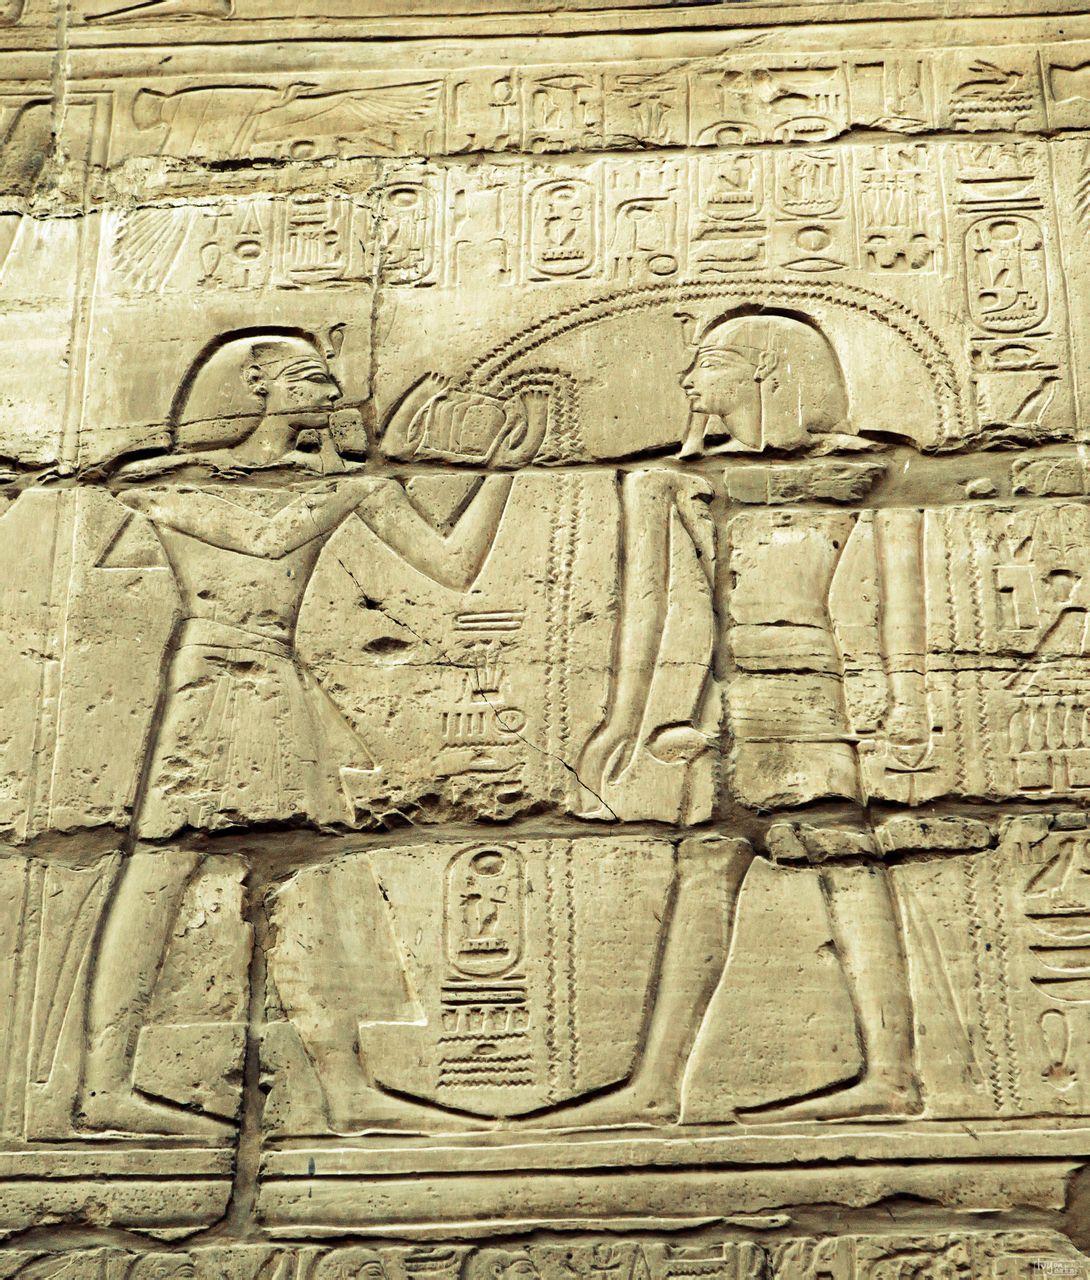 这幅描写的是仆人们抬着法老王和 后面有豹子尾巴.这是古埃及只有图片